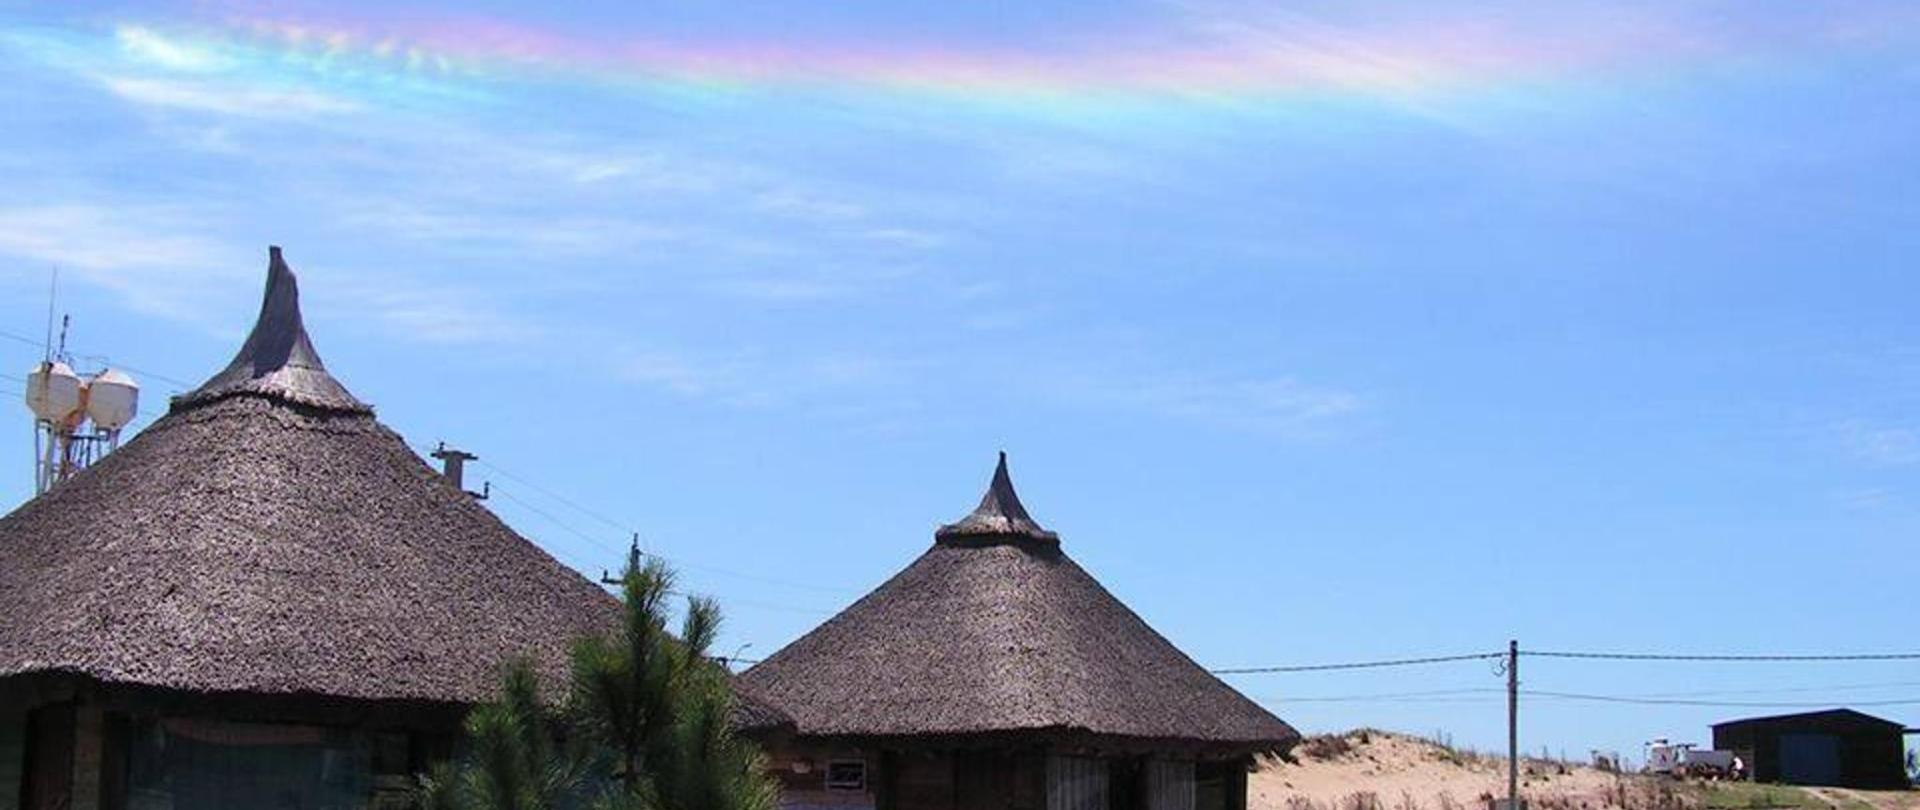 arcoiris-de-las-hadas-1.jpg